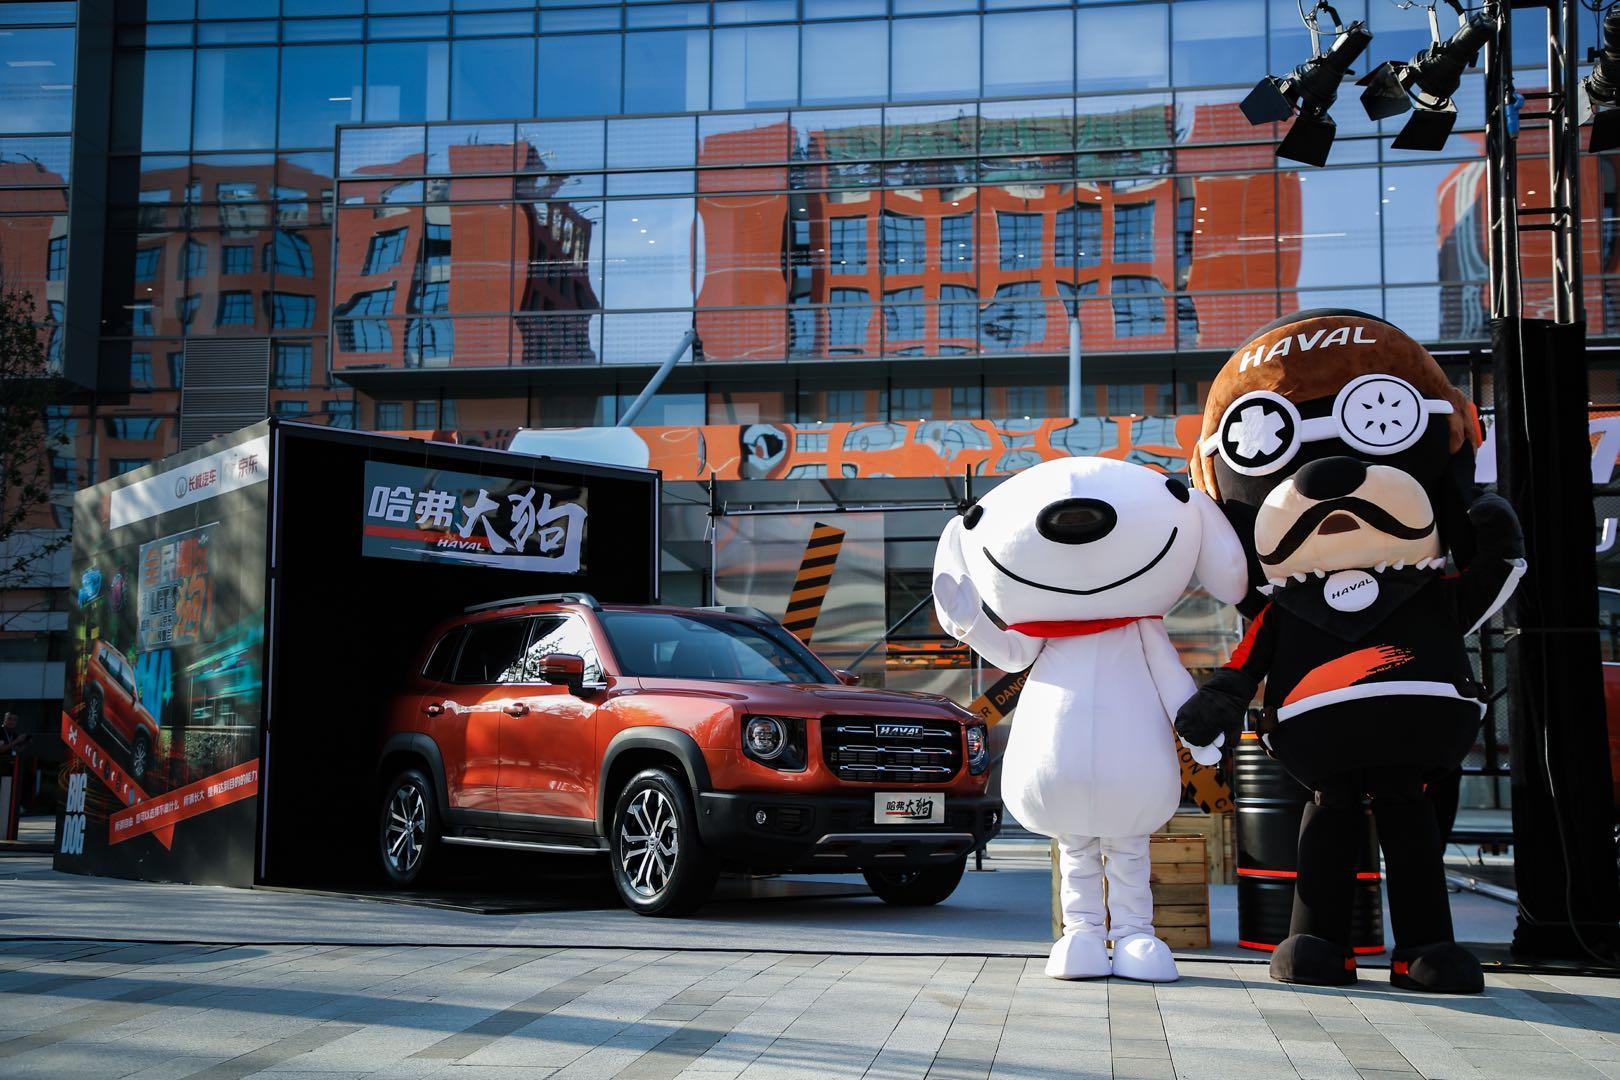 哈弗大狗即将在北京车展登场 双车双料齐上架